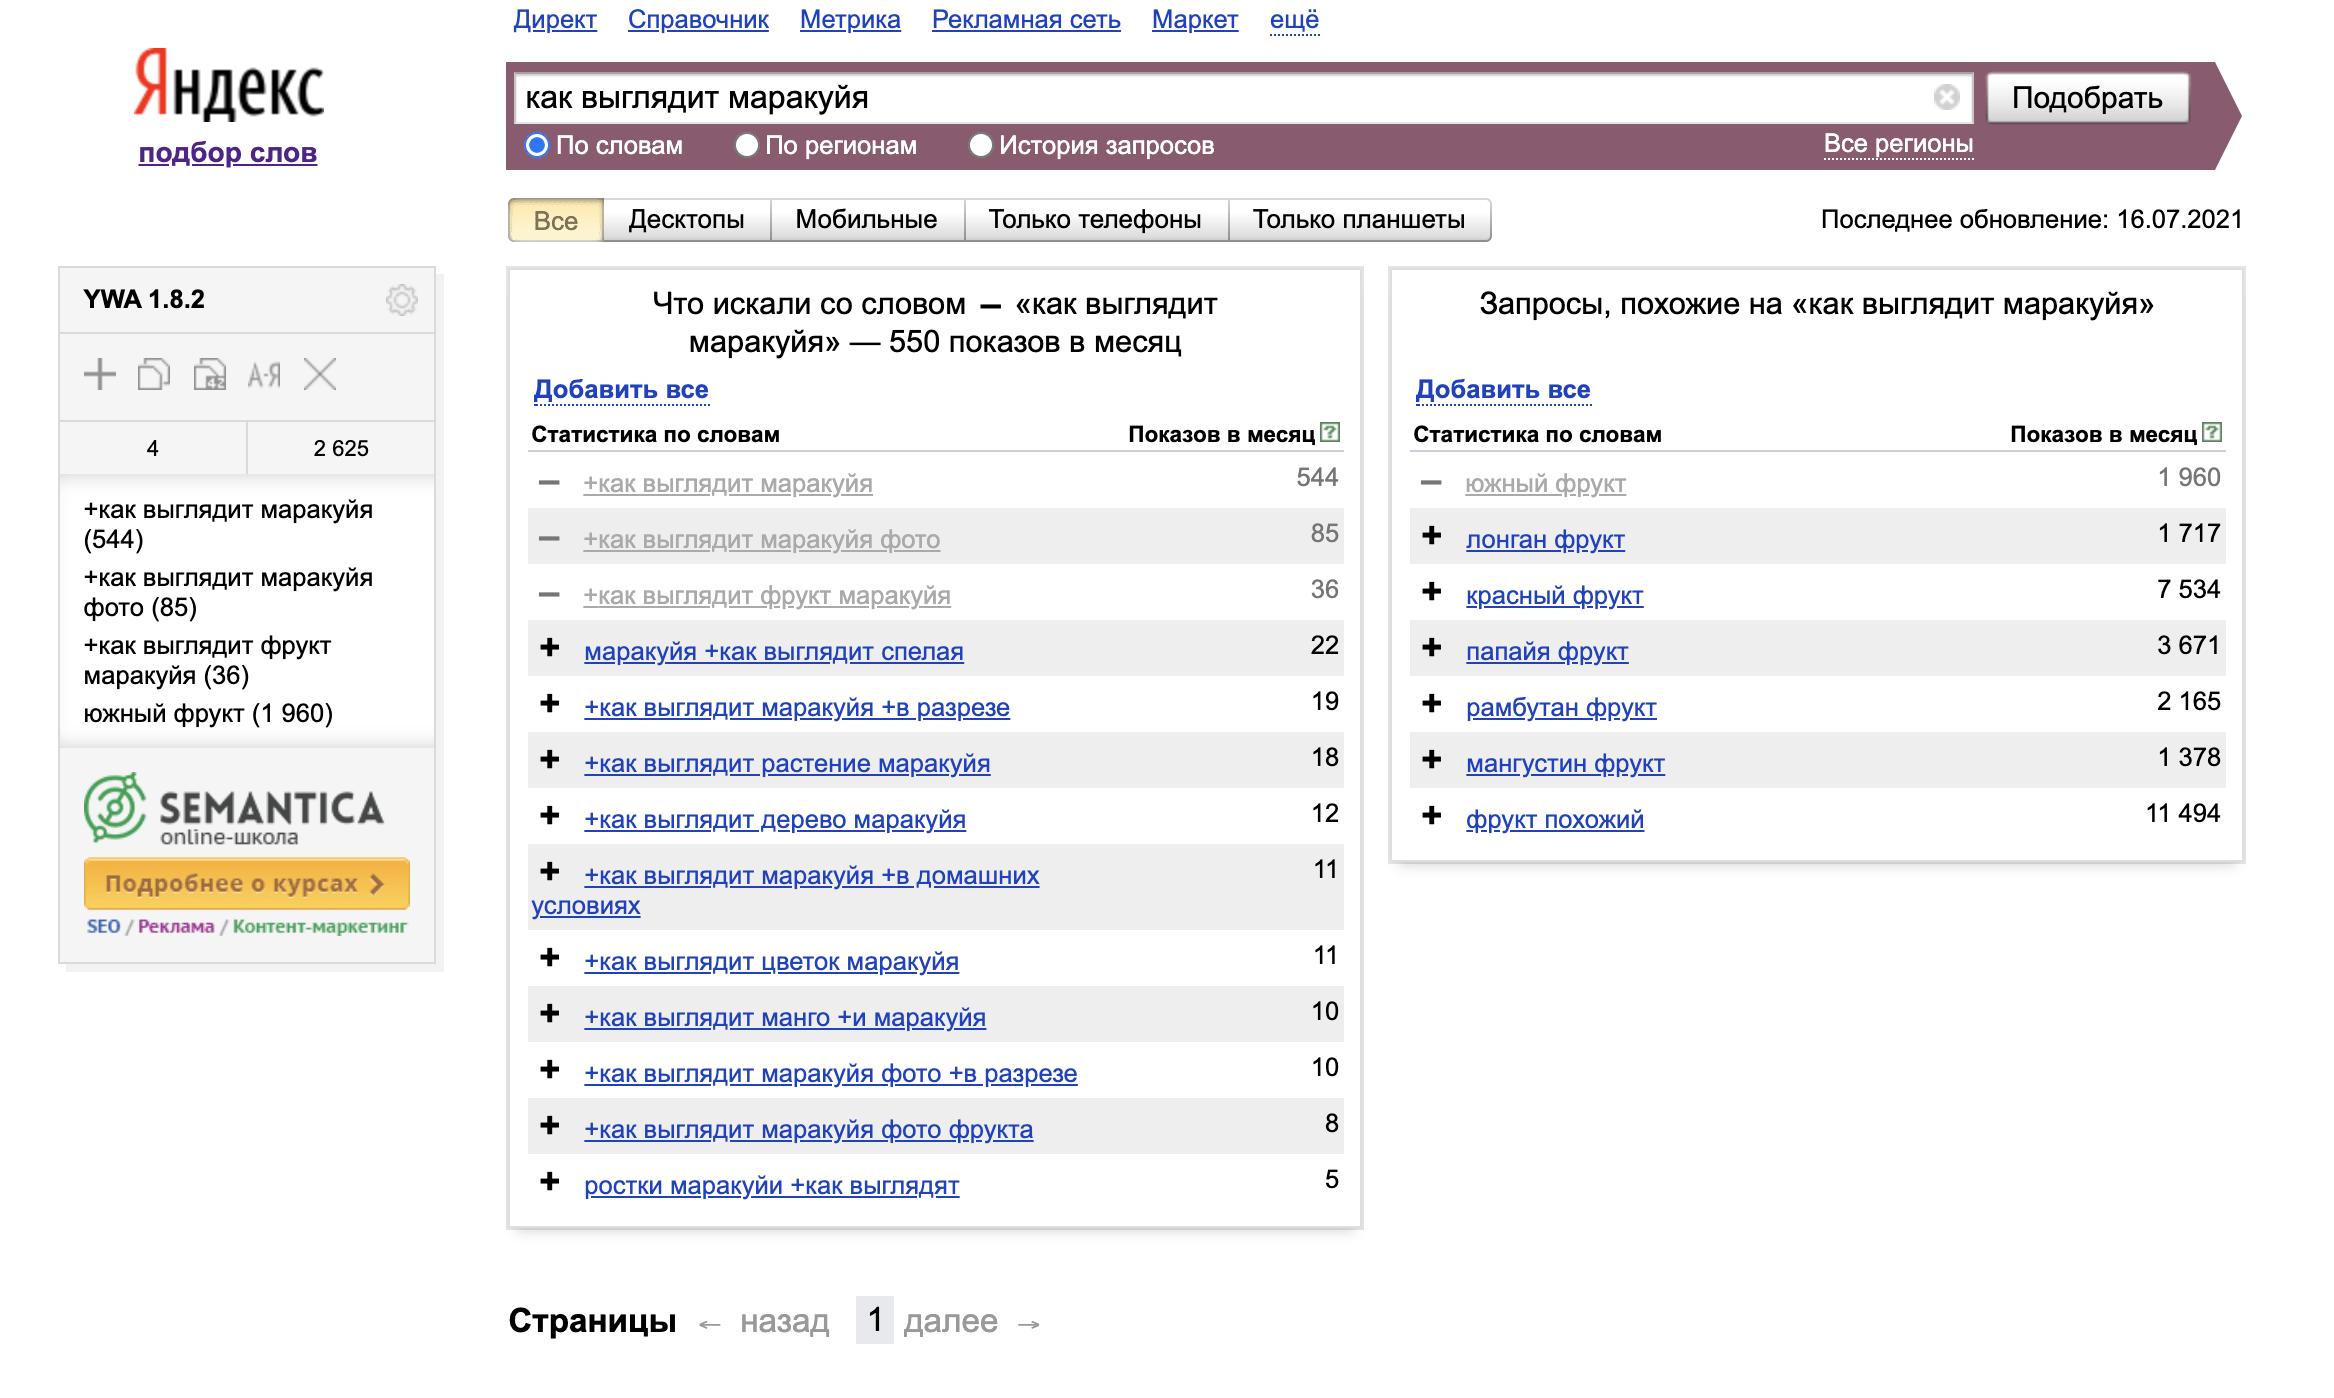 Плагин для браузера для работы с Вордстат